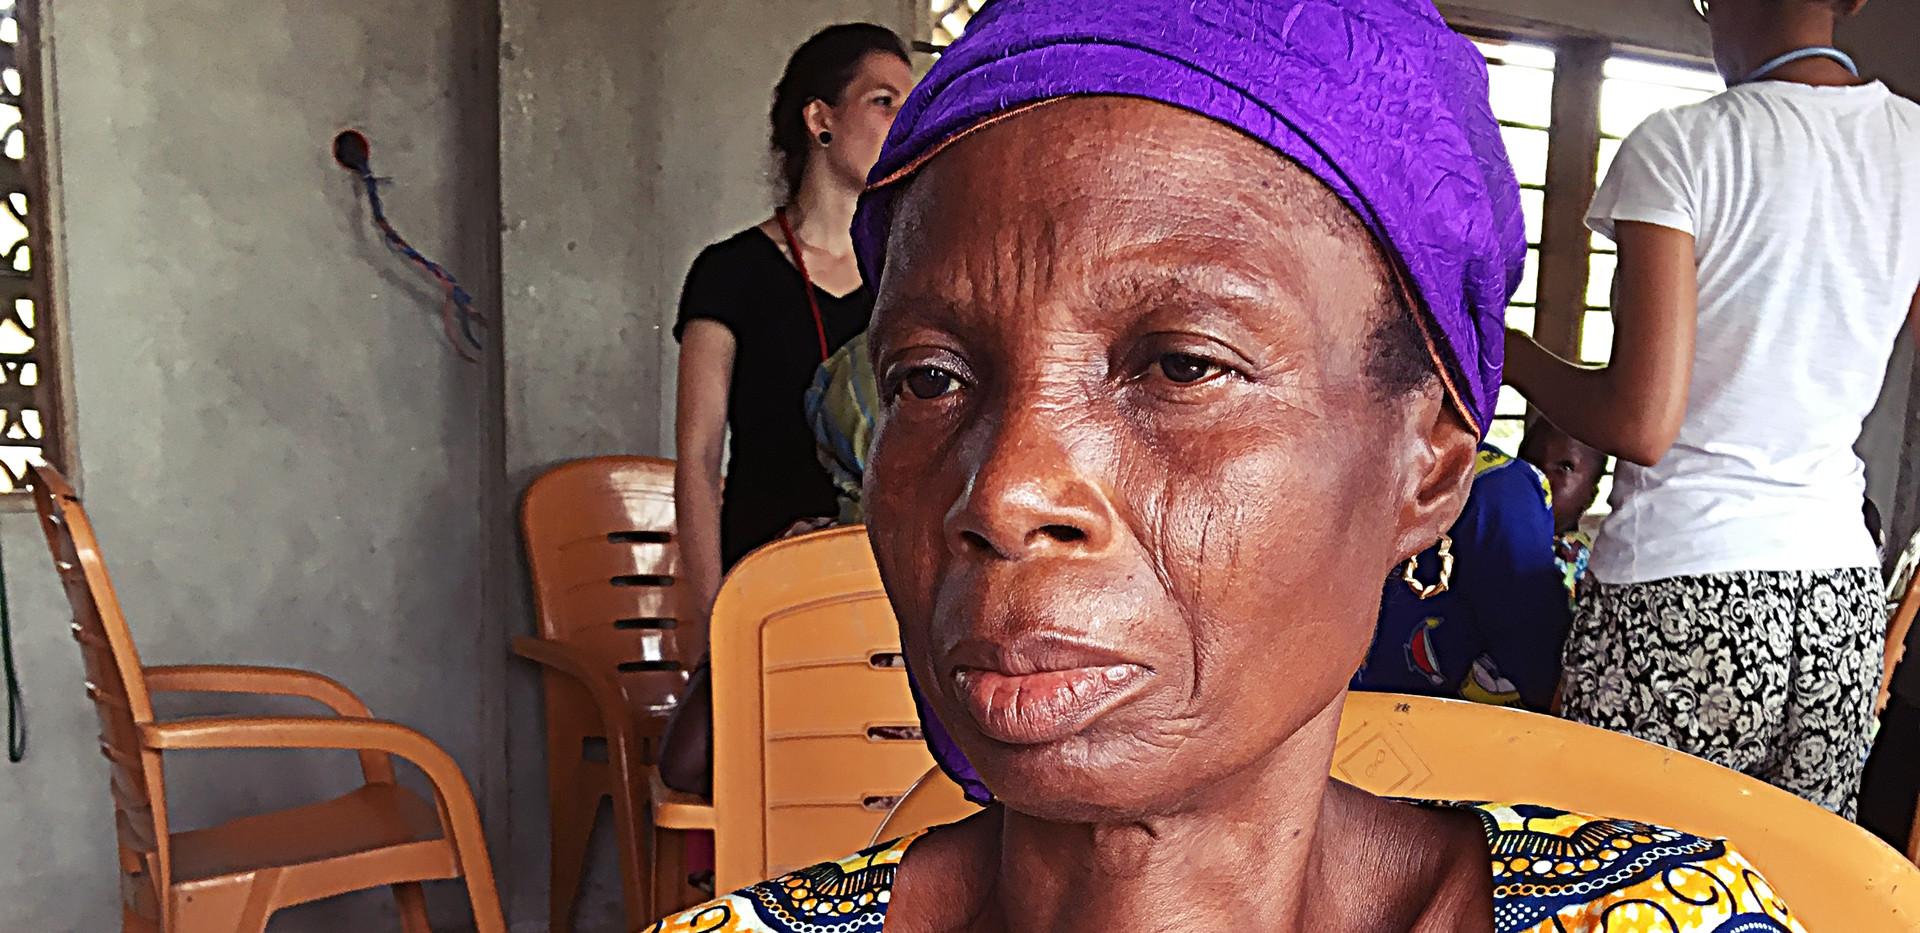 ONG_Sementes_da_Saude_017_Missão_Benin_2